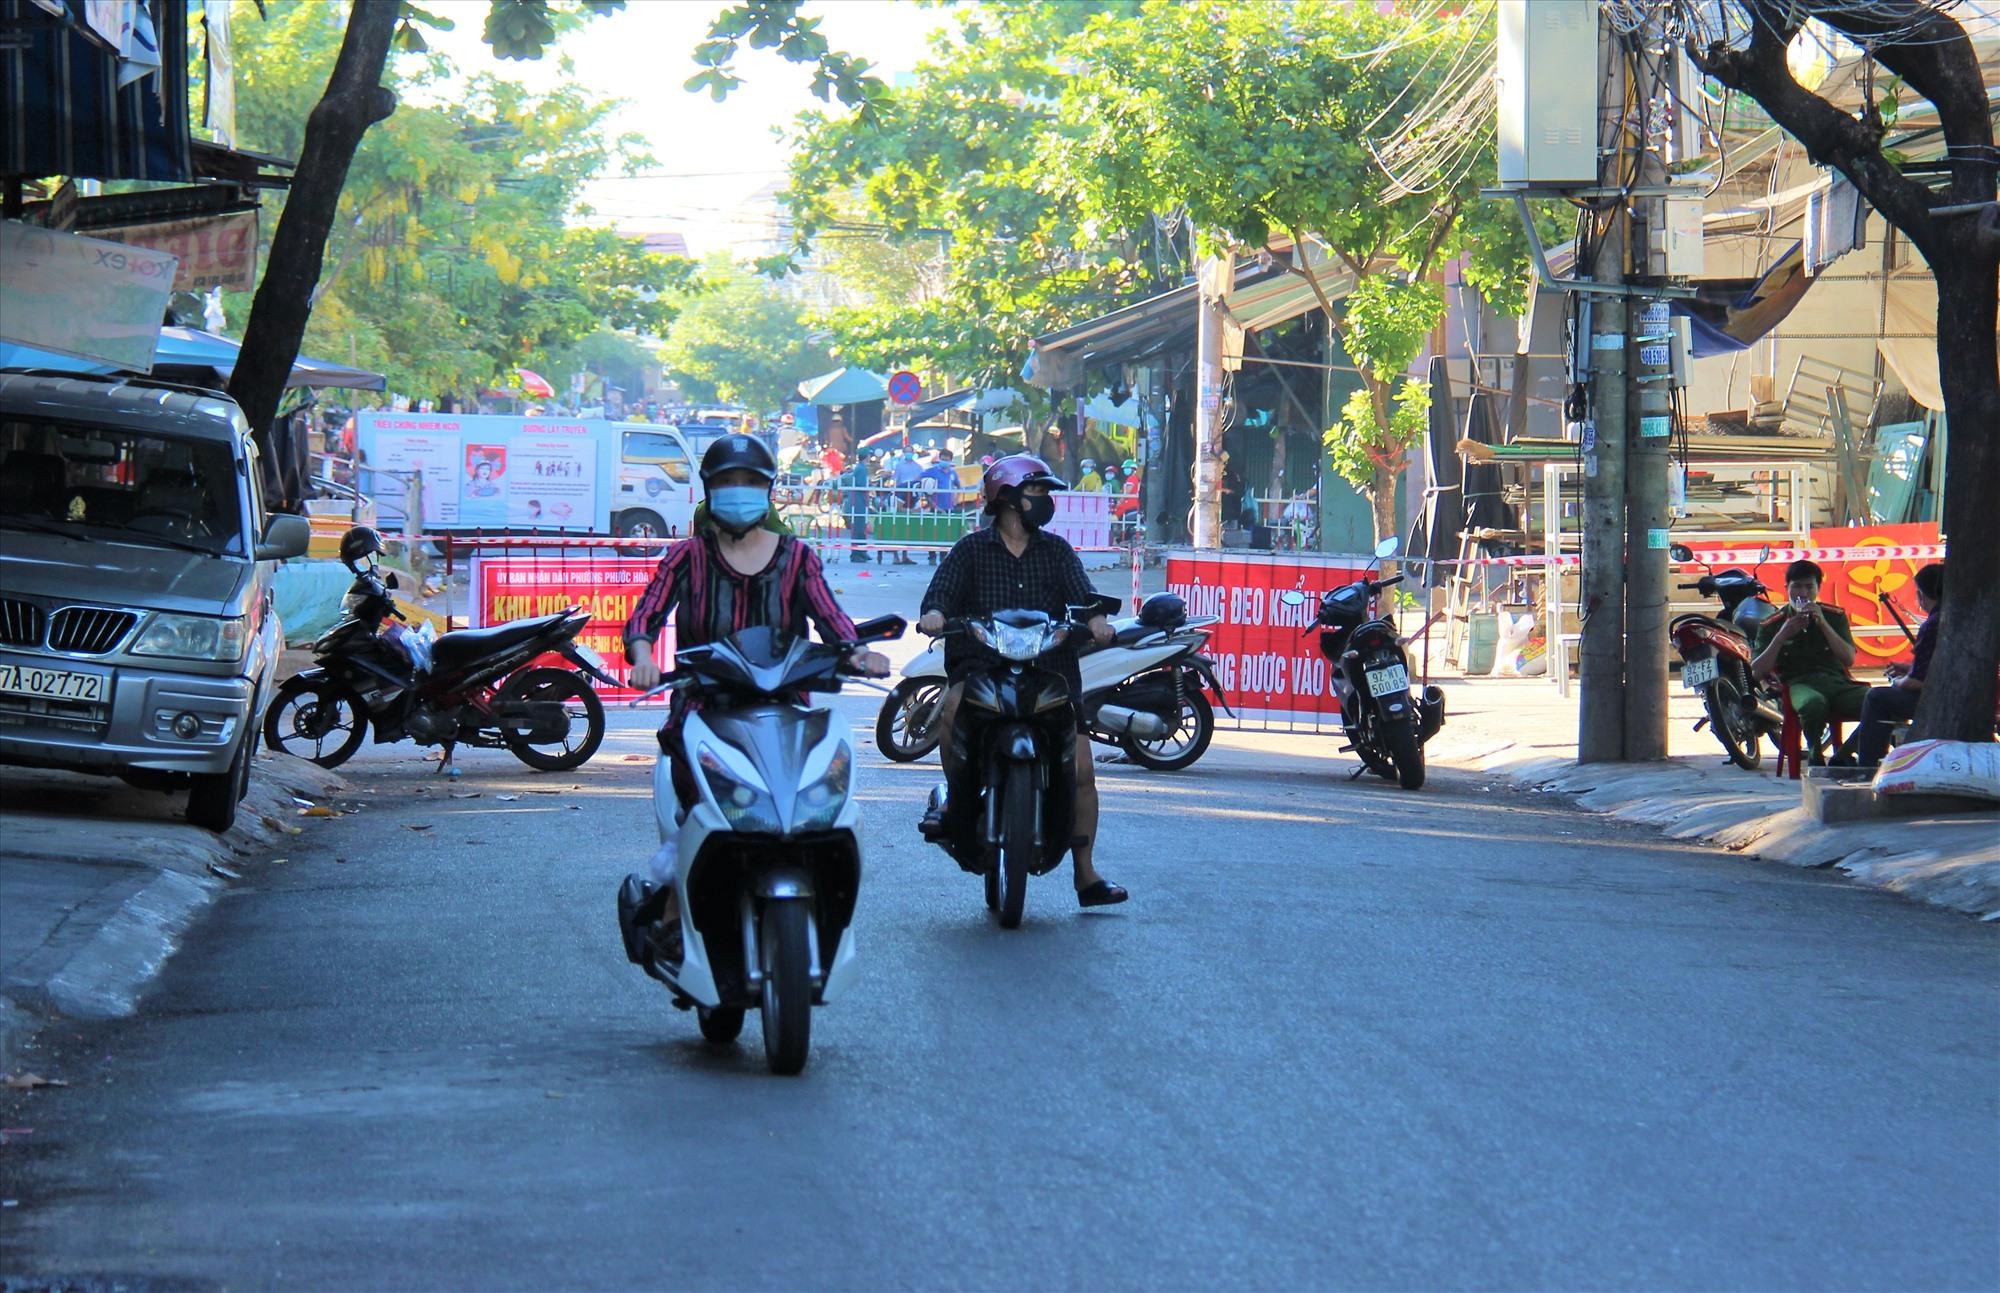 Sáng ngày 8.9, rất nhiều phương tiện phải quay đầu xe khi đi qua tuyến đường Phan Đình Phùng (Tam Kỳ). Ảnh: THANH THẮNG